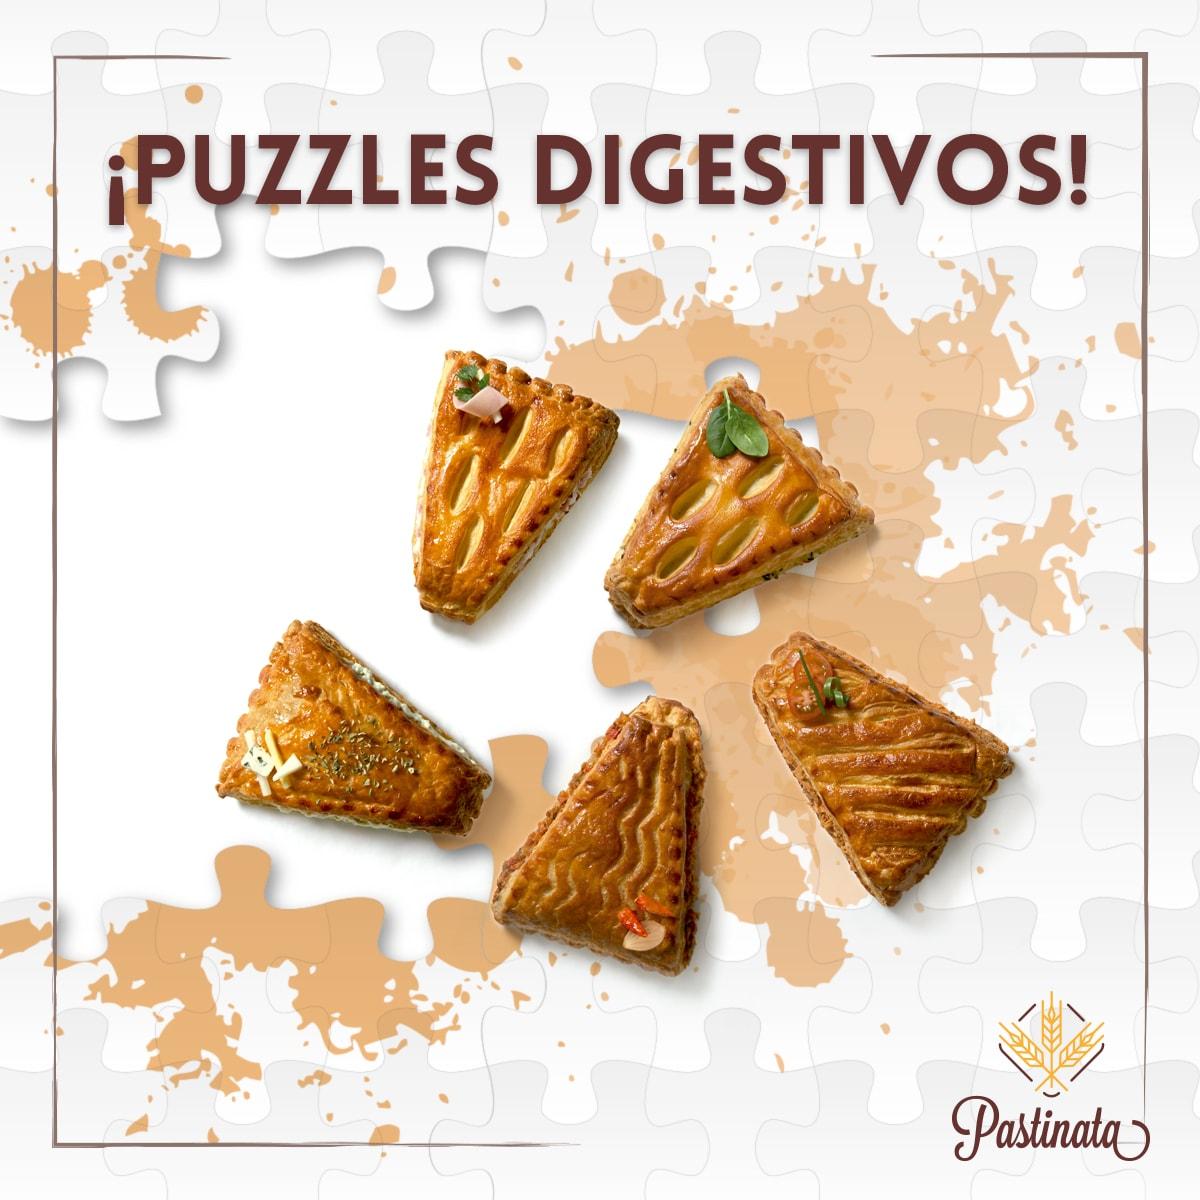 Pastinata puzzles digestivos-